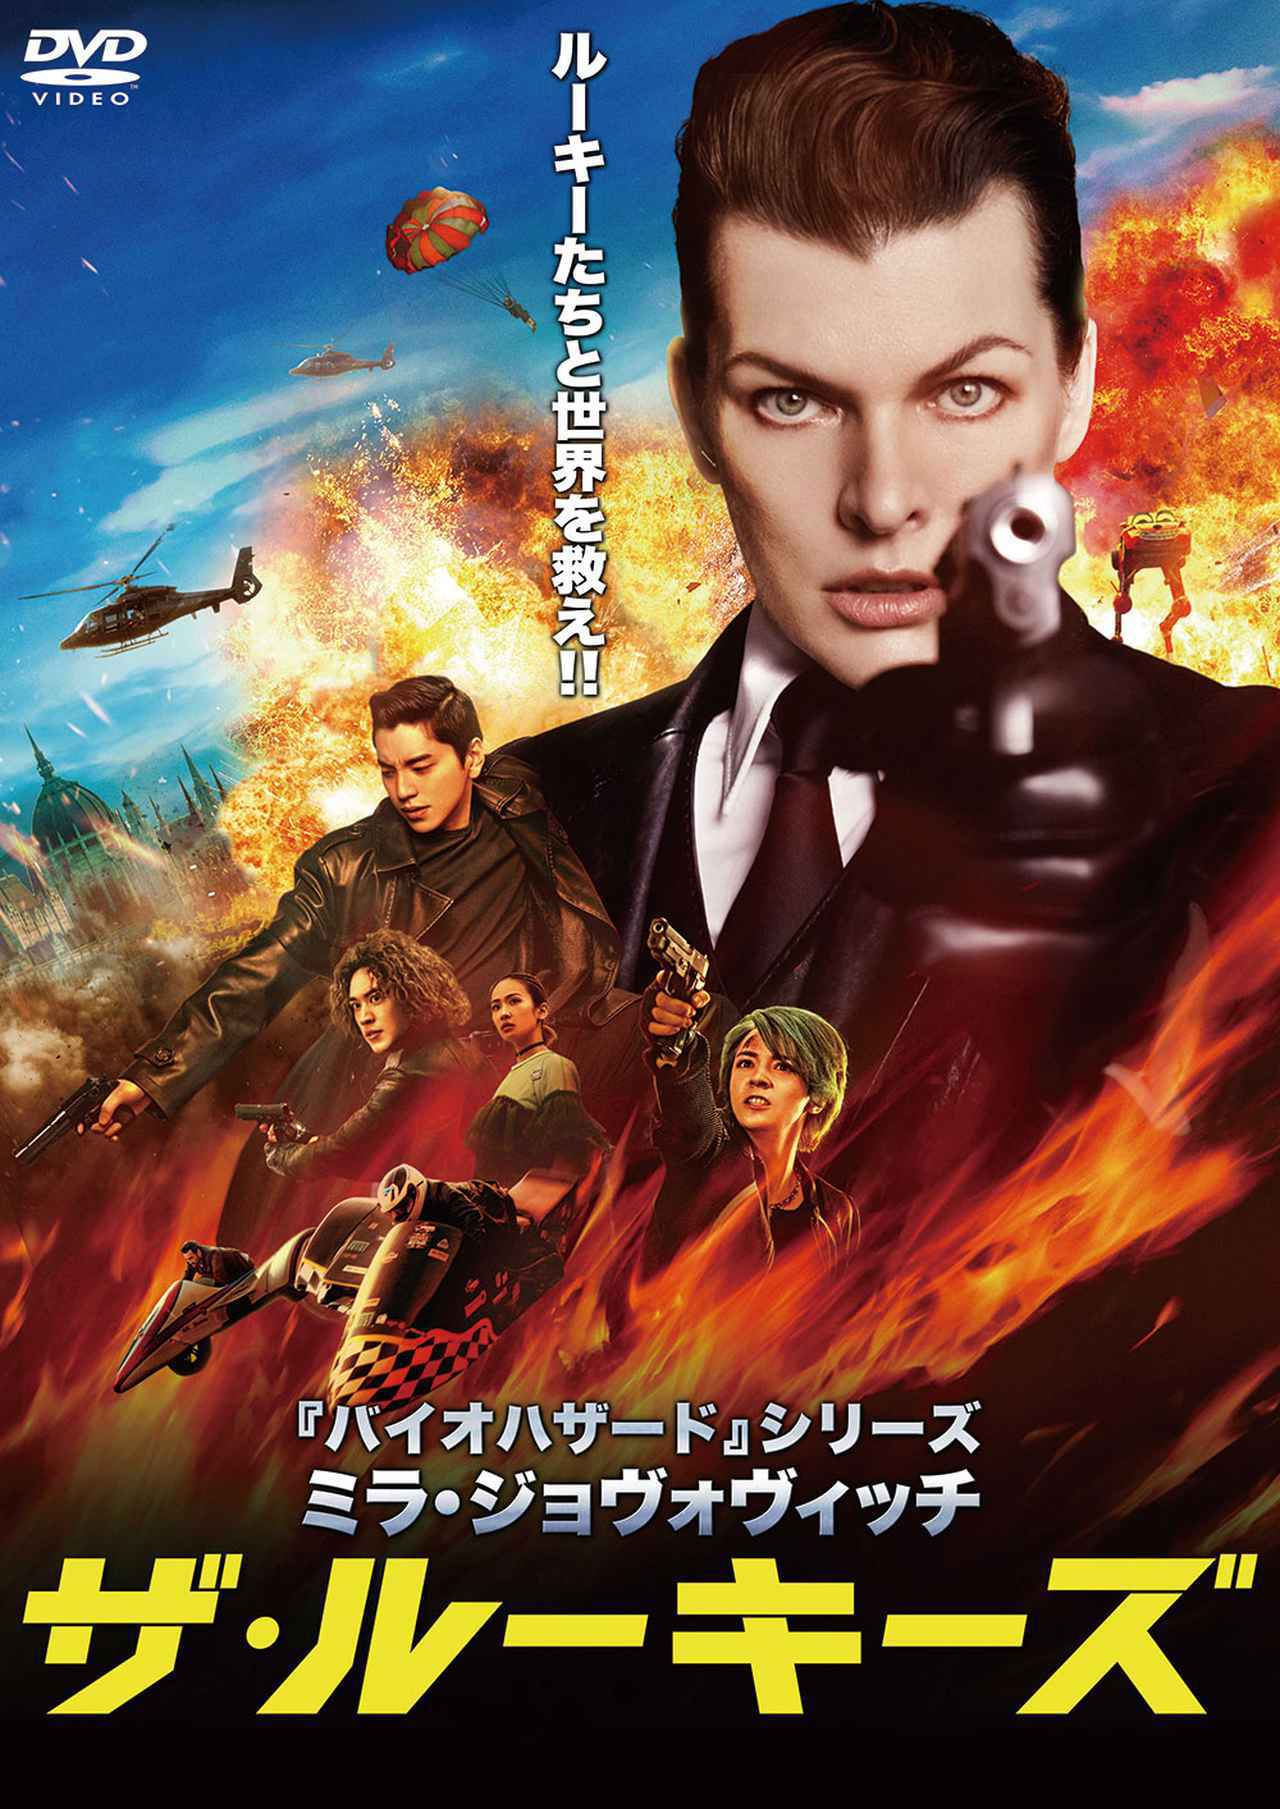 画像: ザ・ルーキーズ【DVD】 3,980円+税/ツイン